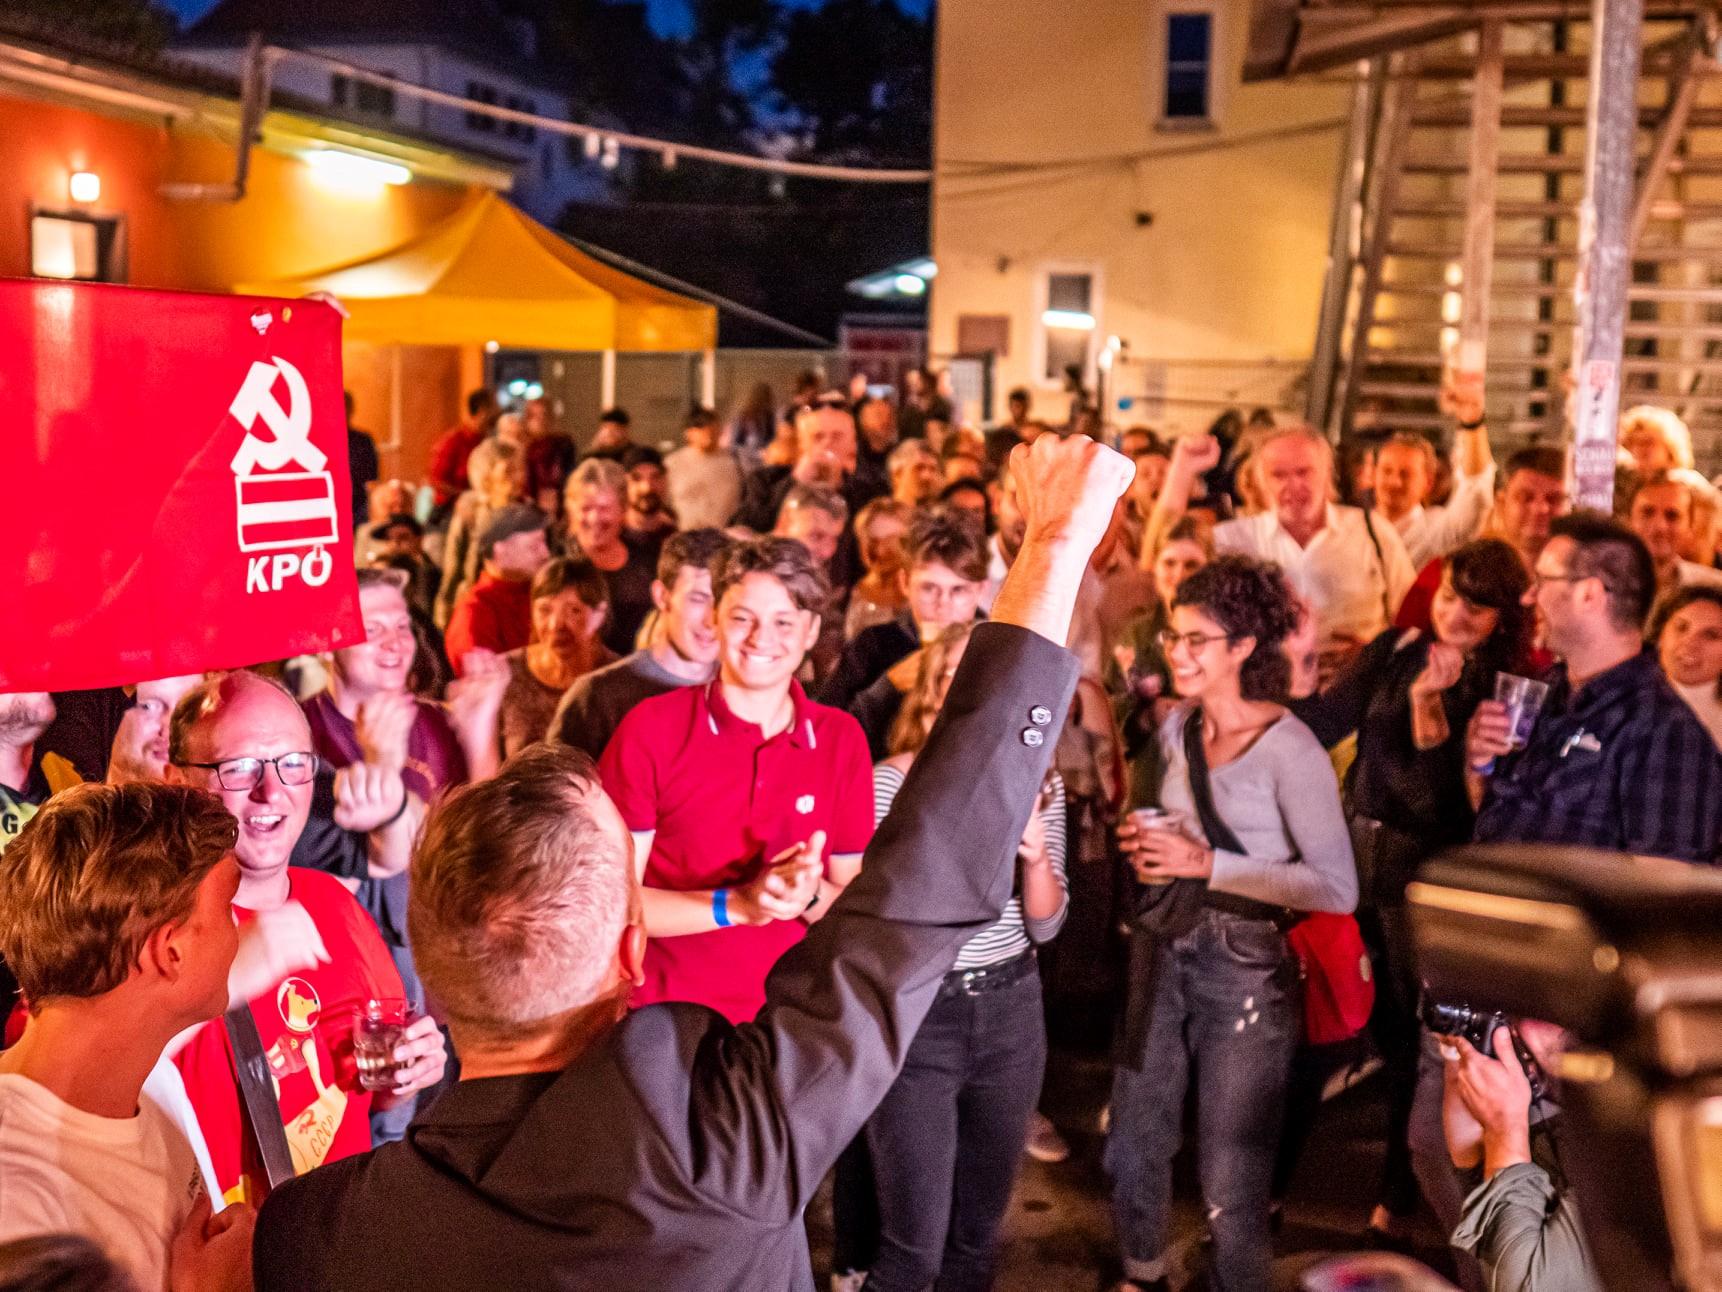 על שורשים חברתיים ושינוי פוליטי: הקומוניסטים בראשות העיר גראץ באוסטריה